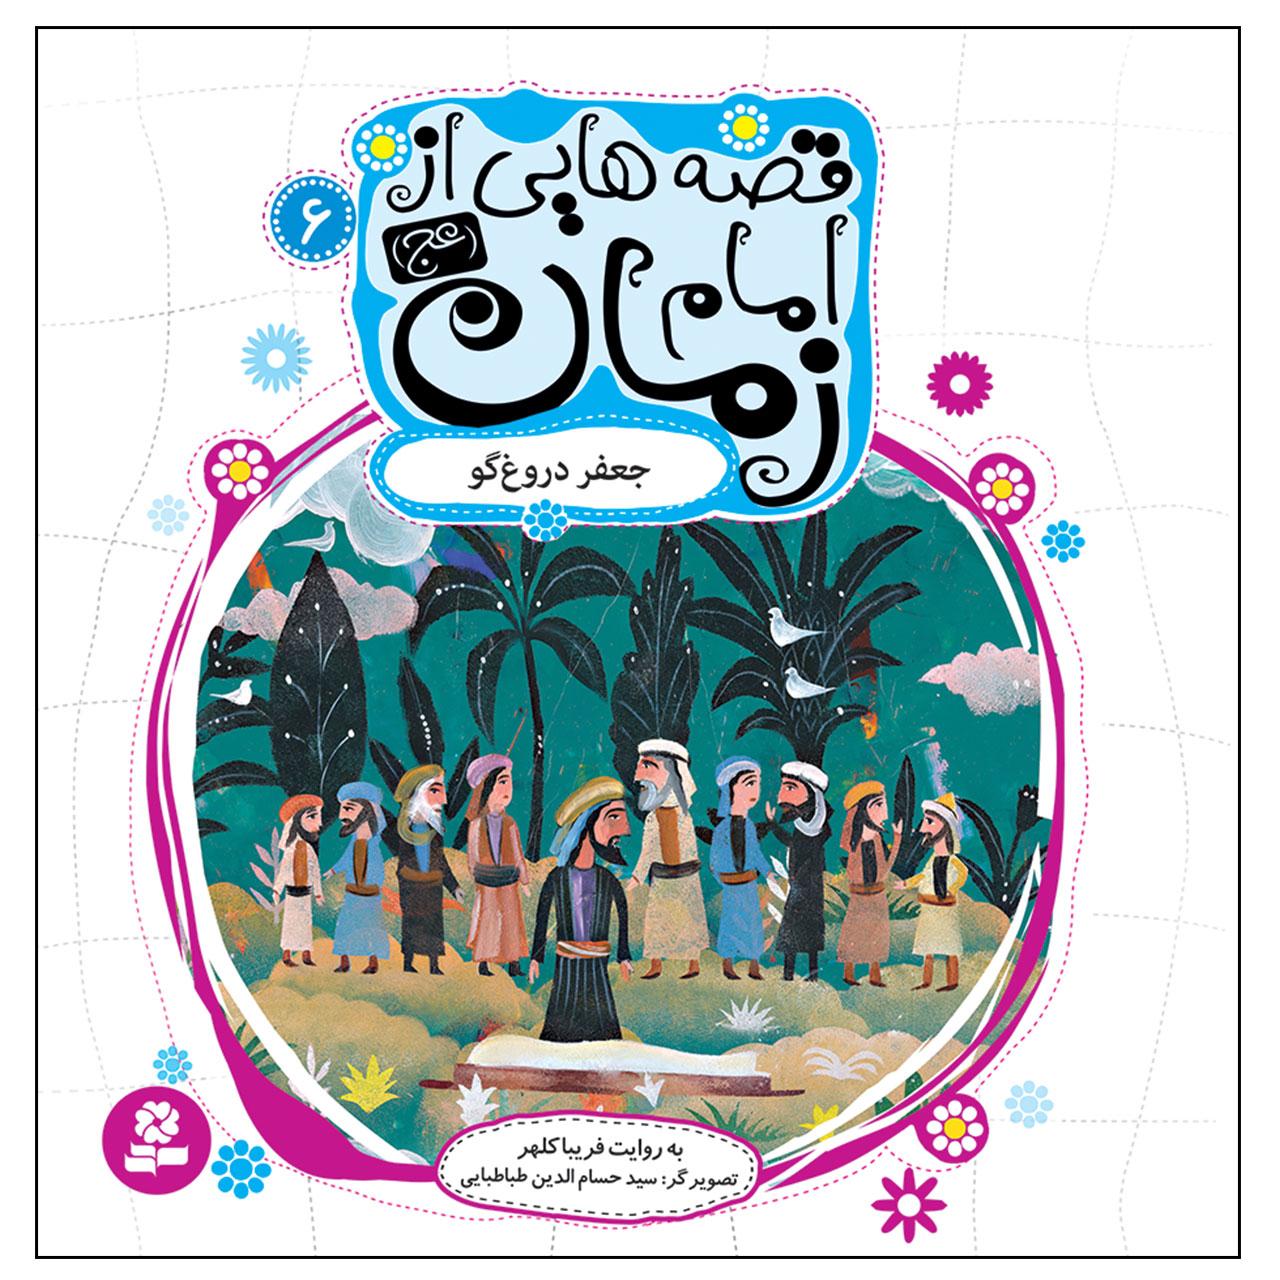 خرید                      کتاب قصه هایی از امام زمان (عج) 6 جعفر دروغگو اثر فریبا کلهر انتشارات قدیانی